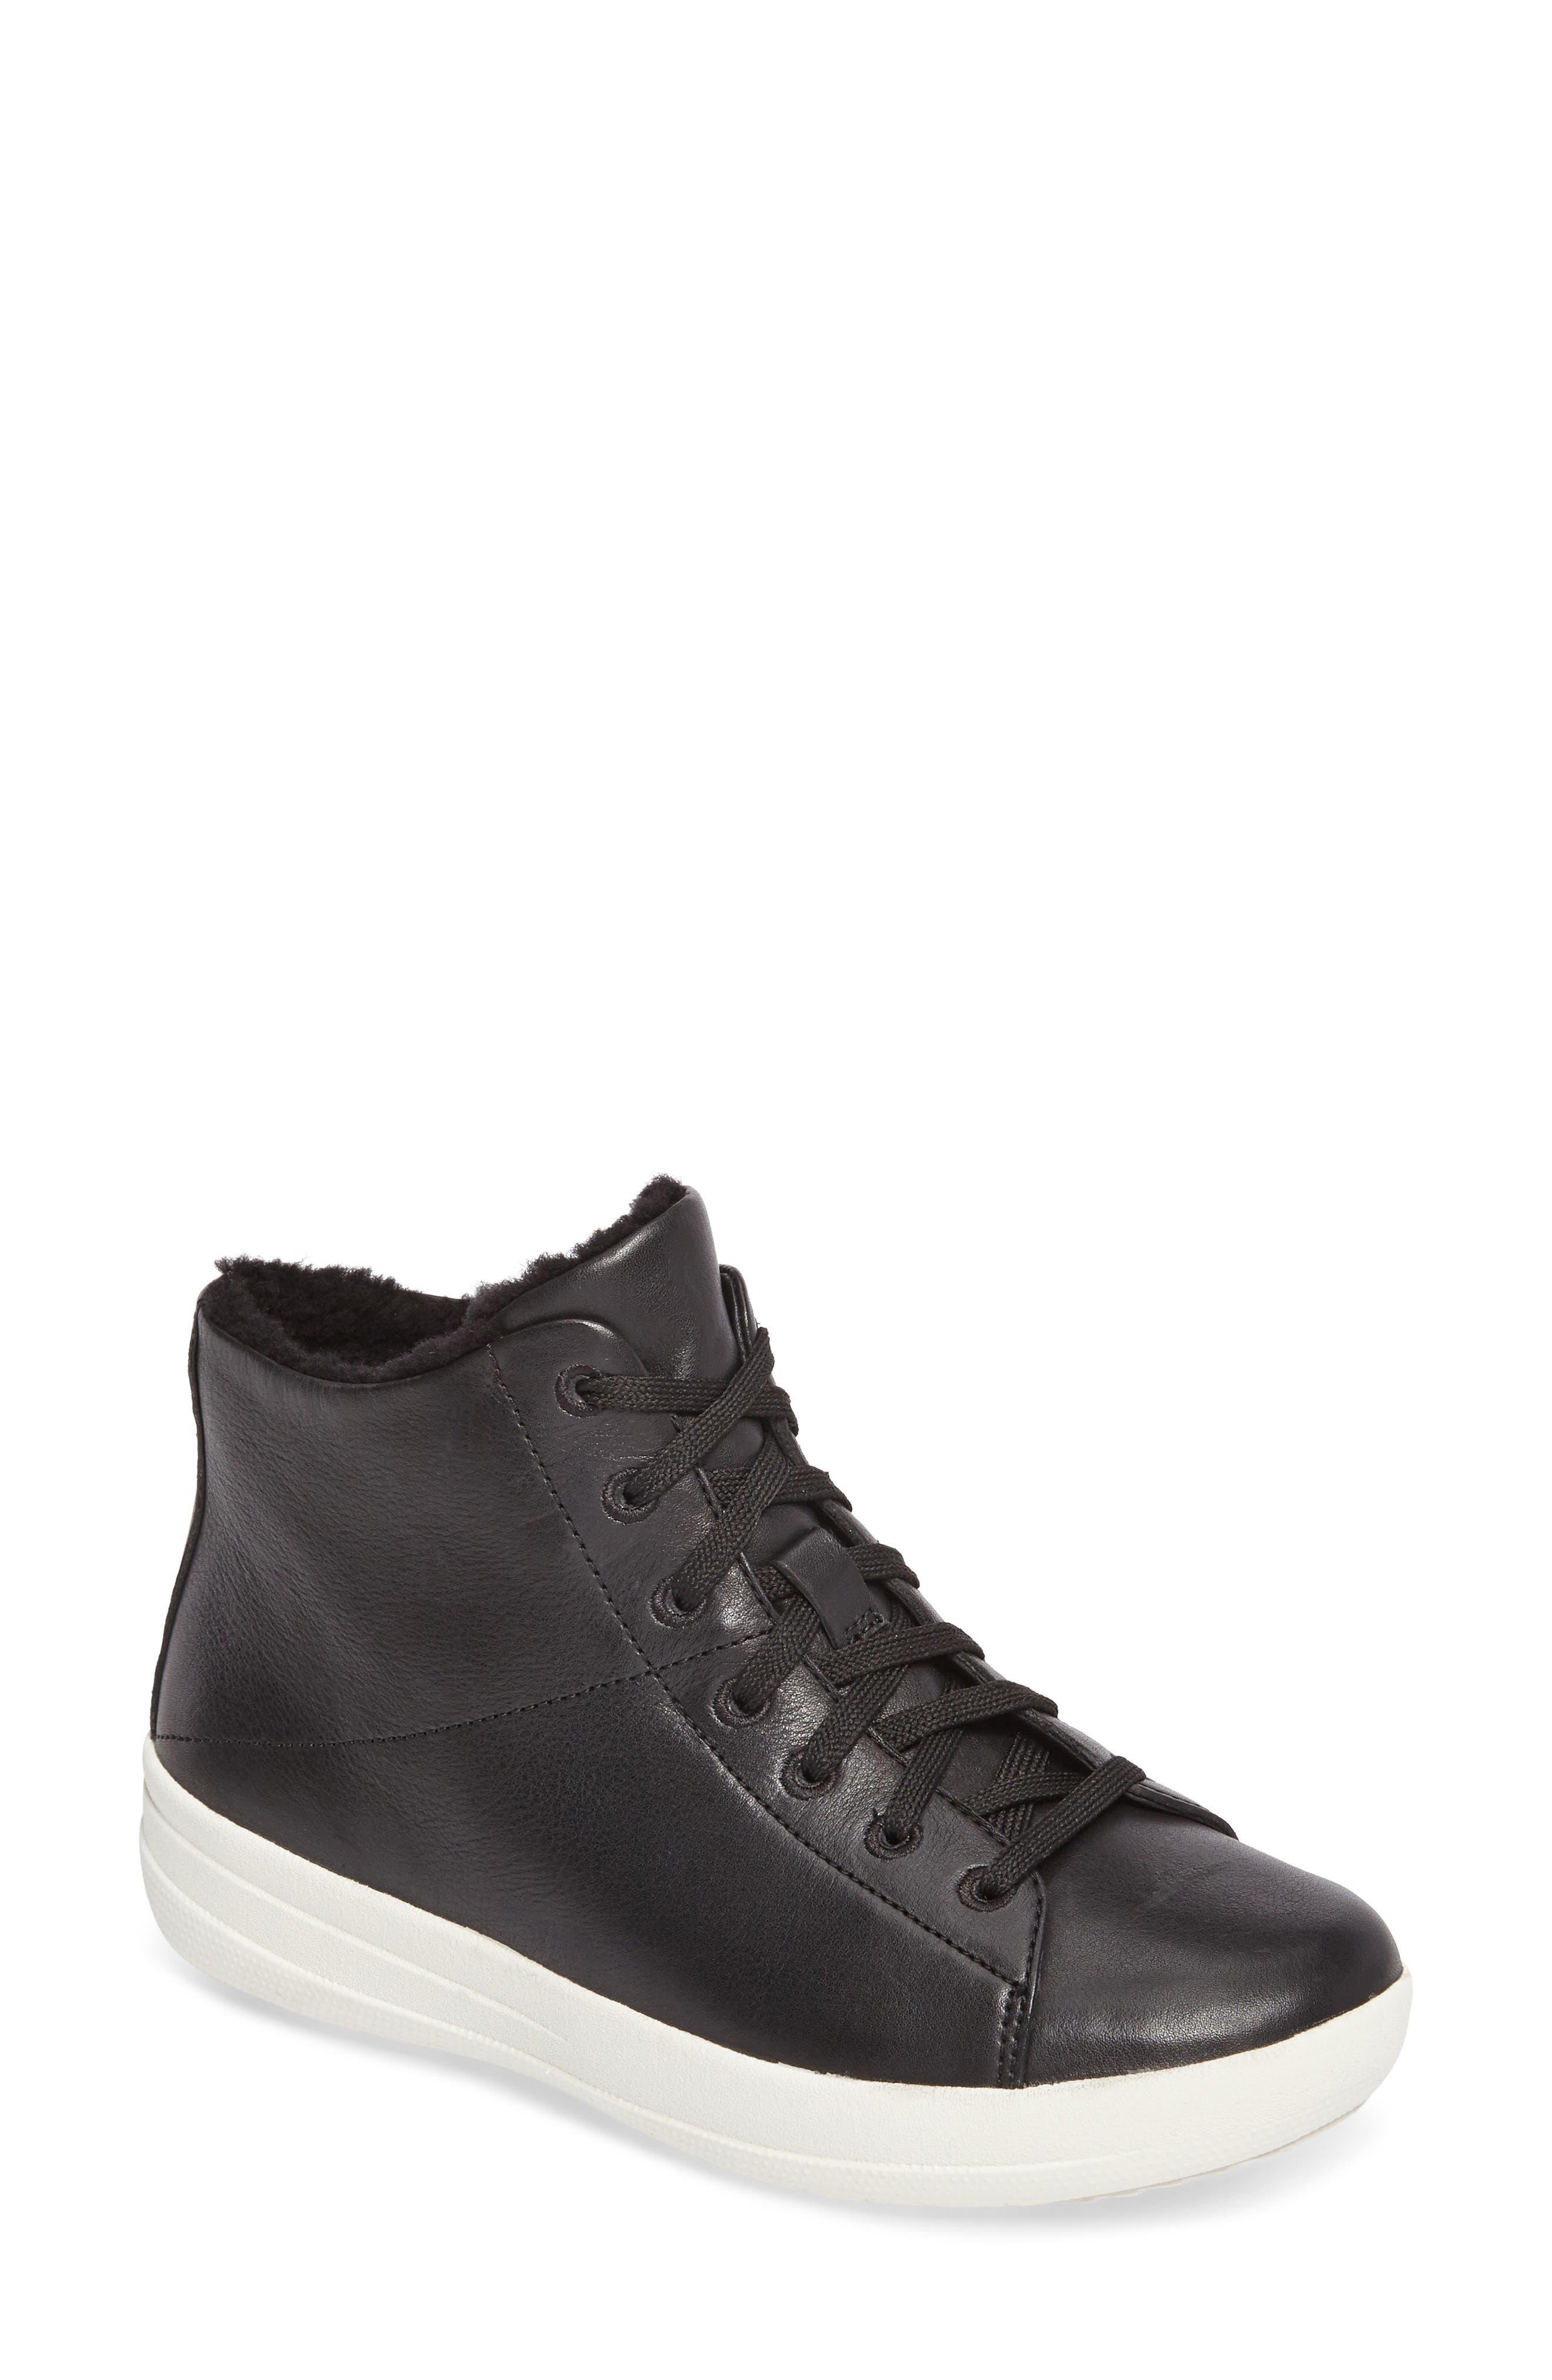 FitFlop F-Sporty™ Genuine Shearling Sneaker Boot (Women)